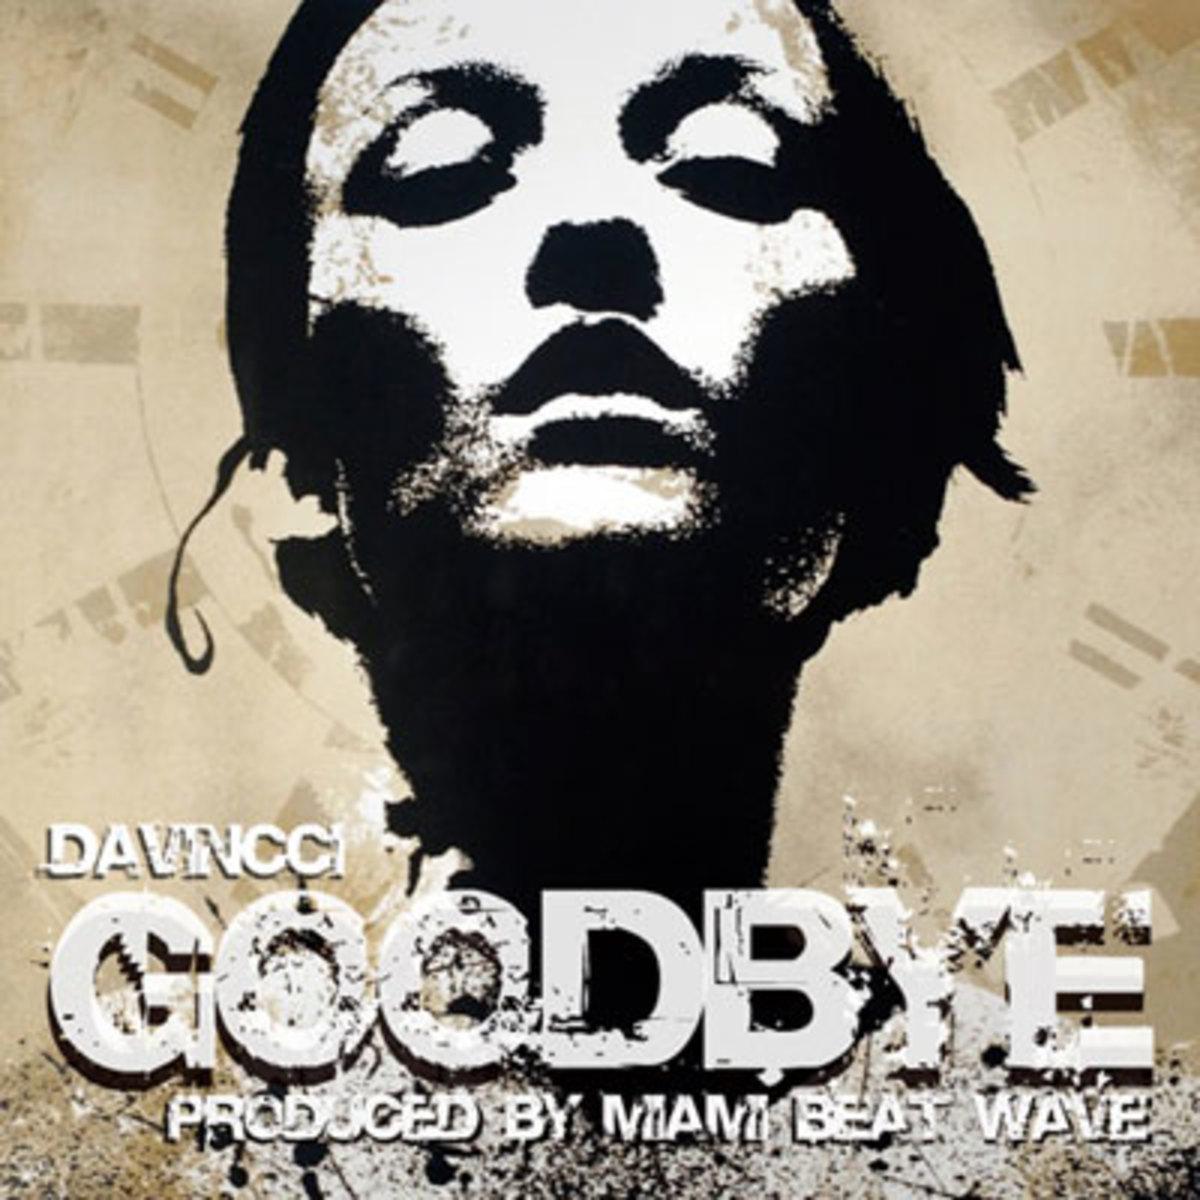 davincci-goodbye.jpg